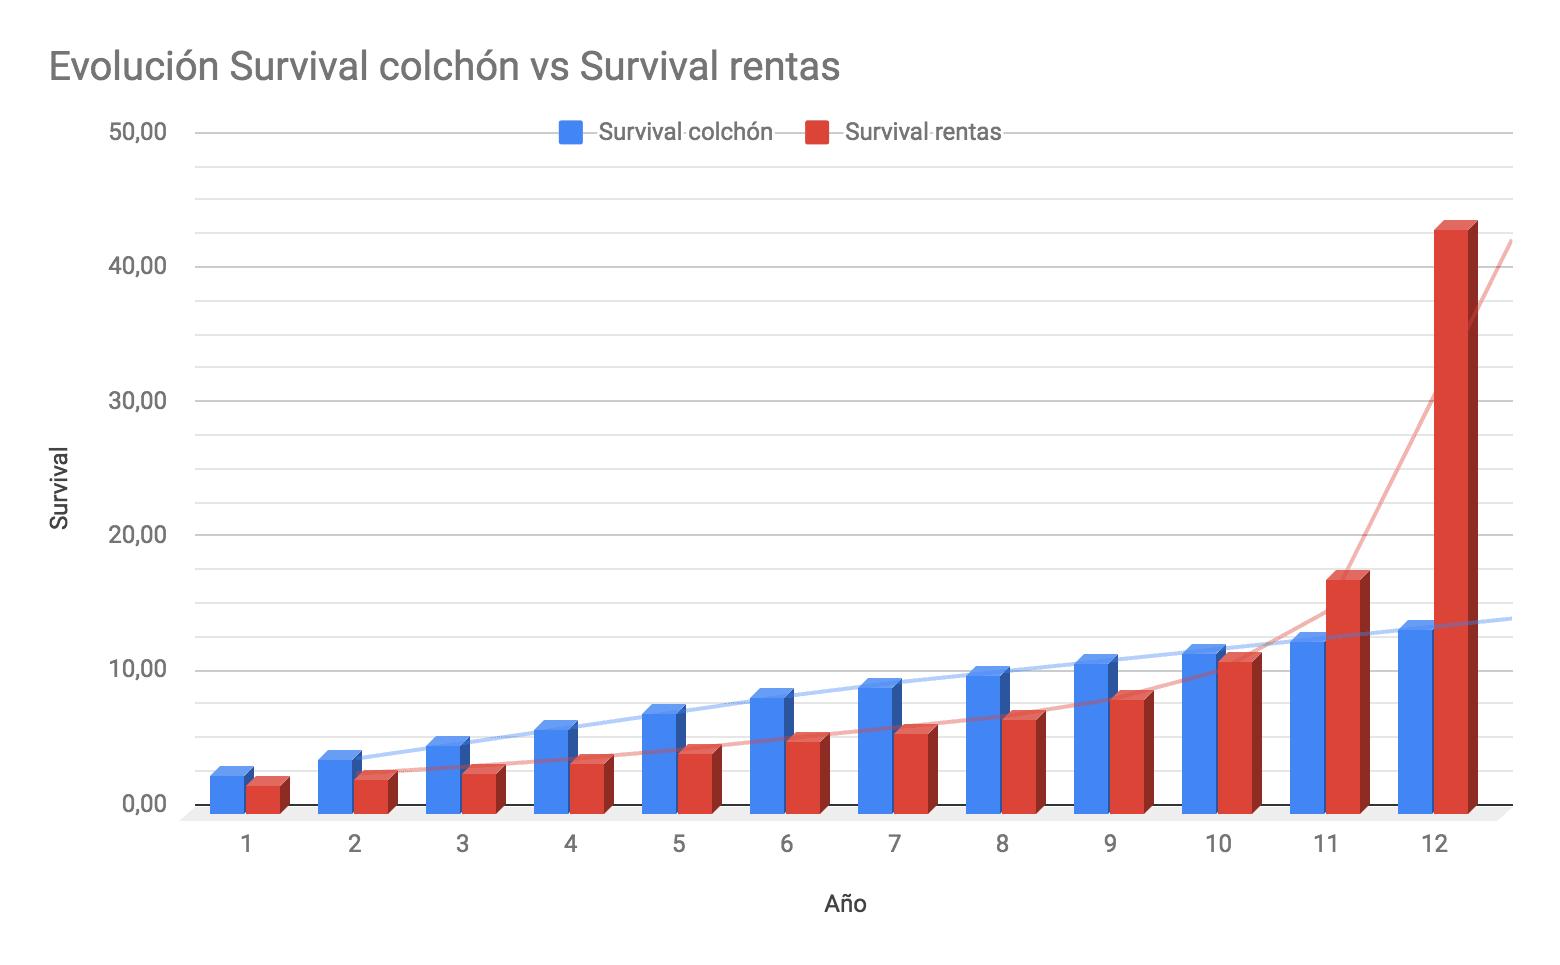 """Apocalipsis financiero: Gráfica evolución """"Surivival colchón"""" vs """"Survival rentas"""""""